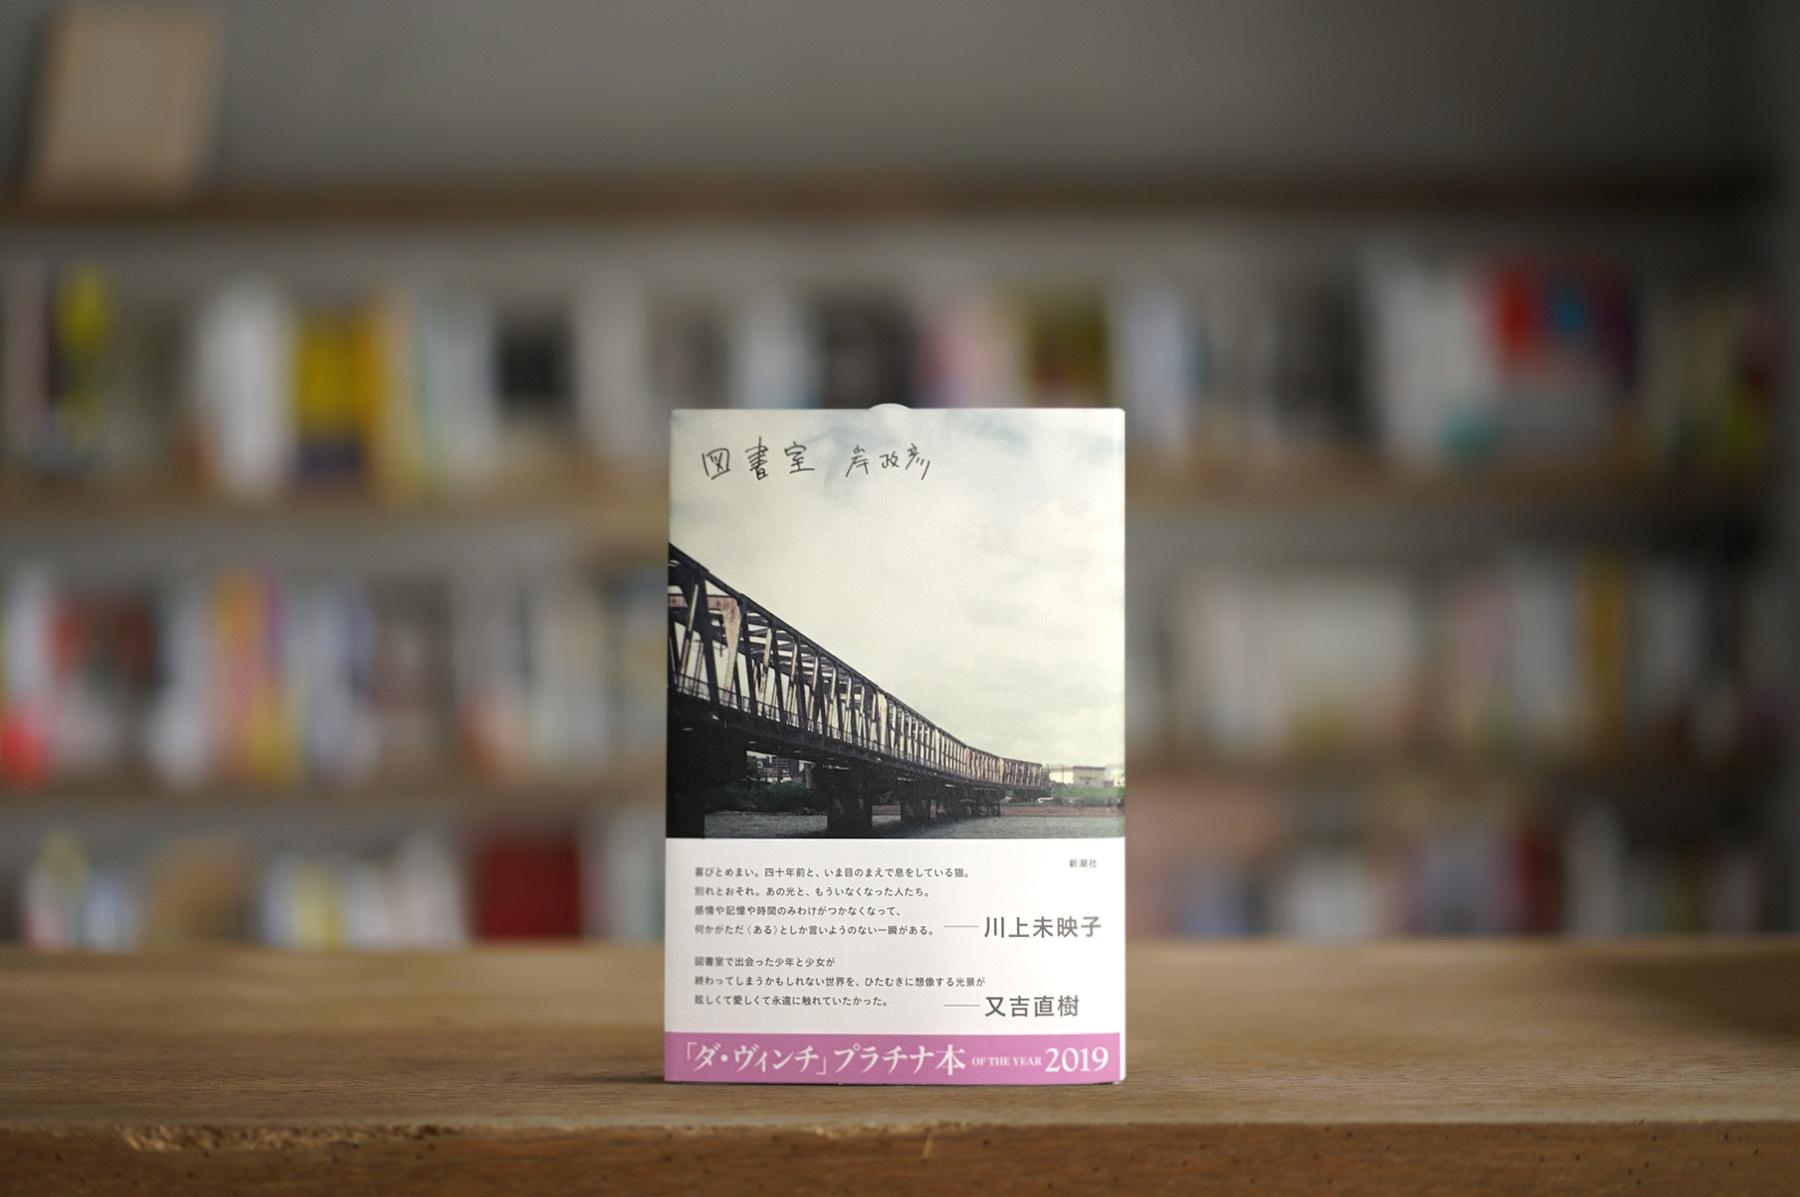 岸政彦 『図書室』 (新潮社、2019)